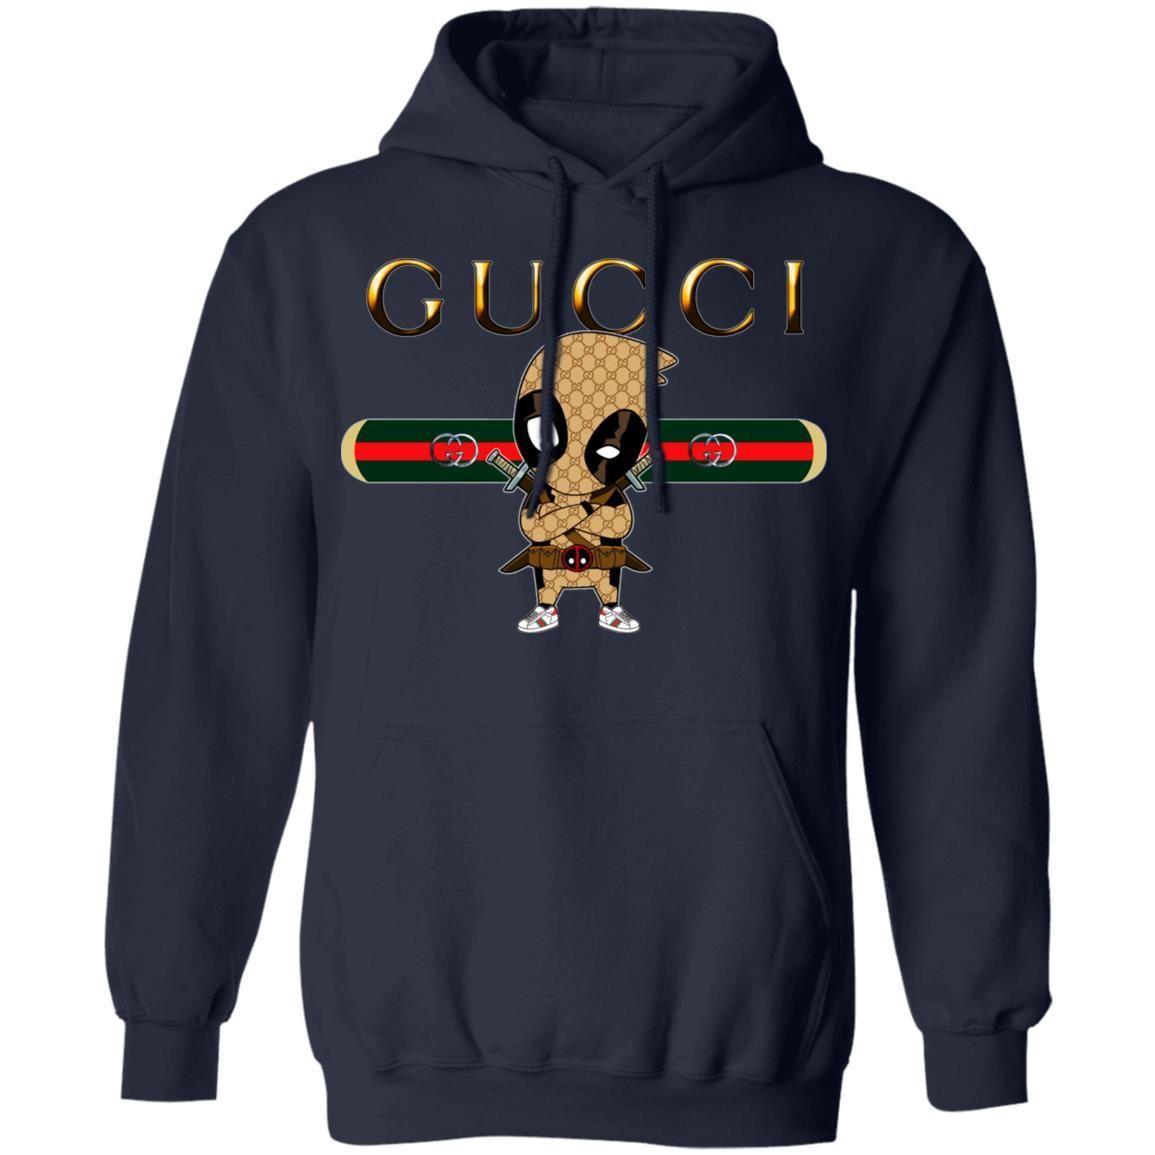 Deadpool Gucci Hoodie Ropa Gucci Para Hombre Marcas De Ropa Hombre Ropa Masculina